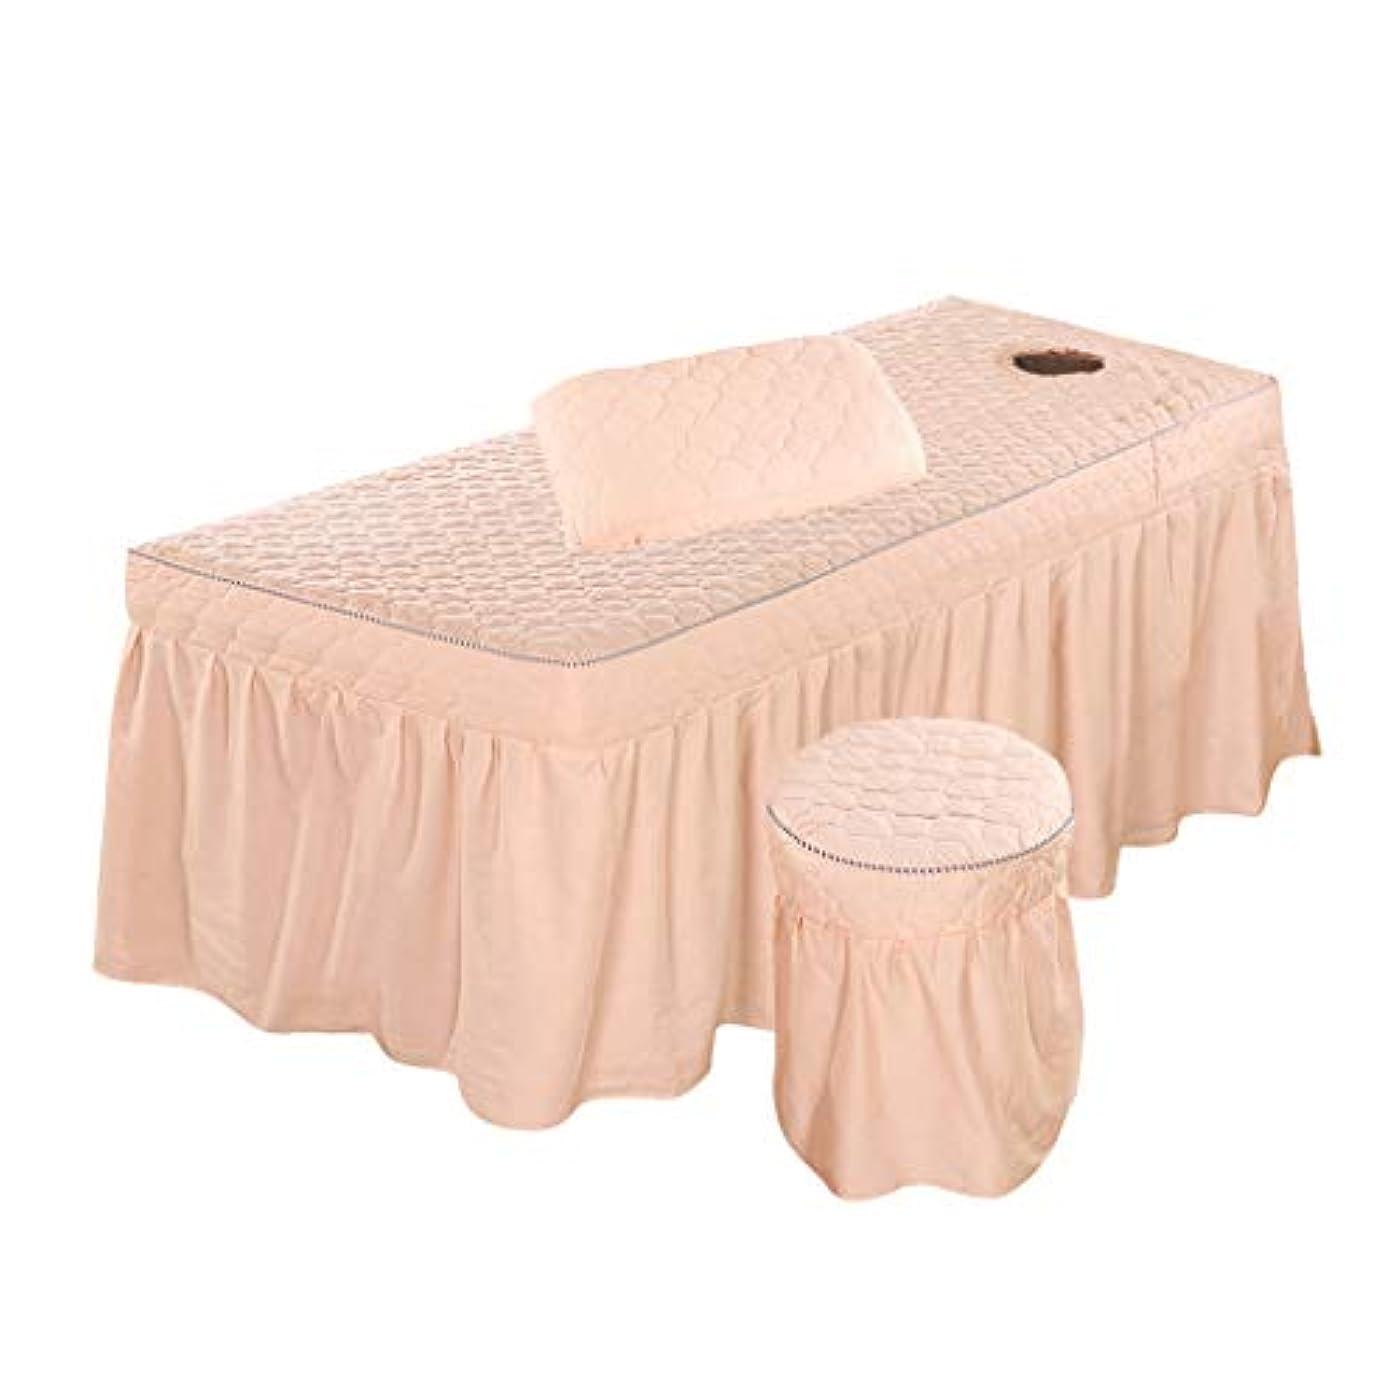 訴える区別亜熱帯マッサージベッドカバー 有孔 スツールカバー 枕カバー 快適 3個/セット - ライトピンク